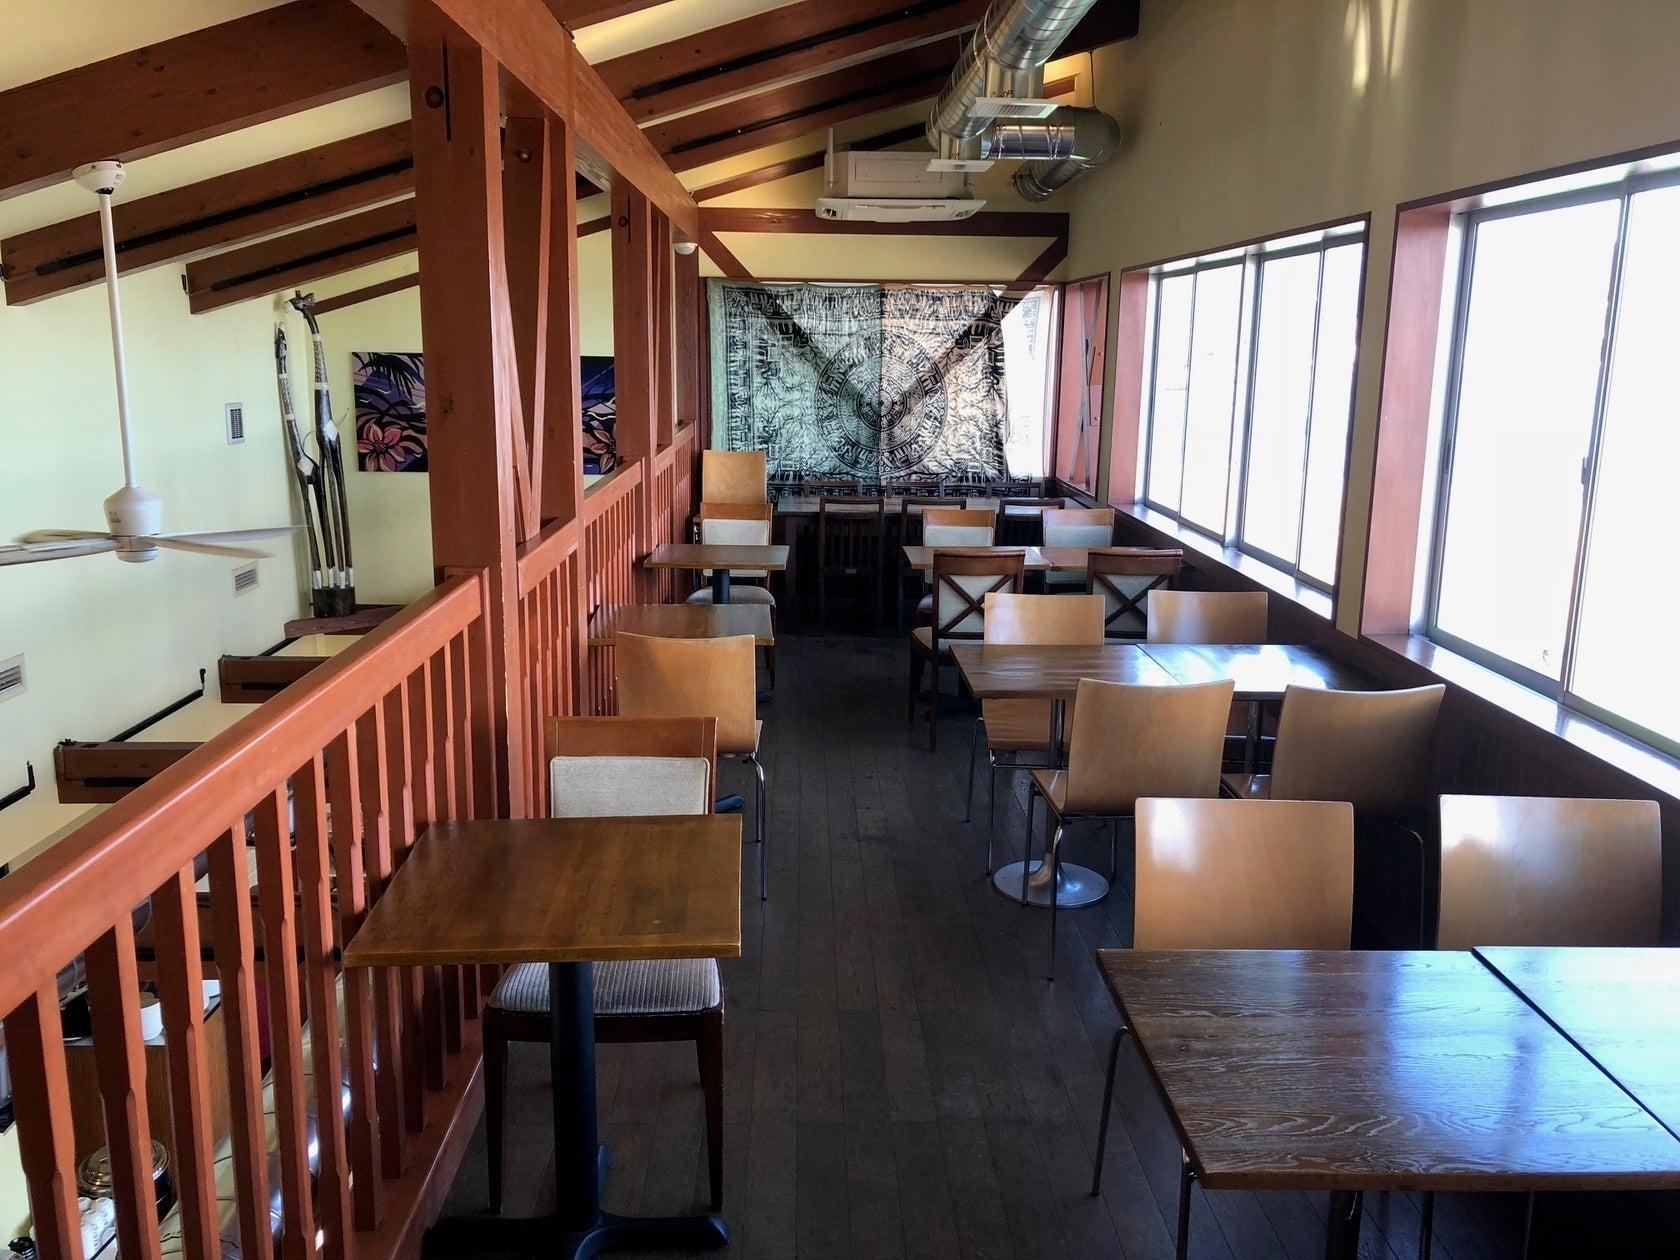 【大津市】琵琶湖を一望できるレストラン・カフェ  会議/女子会/お誕生日会/新年会に◎ の写真